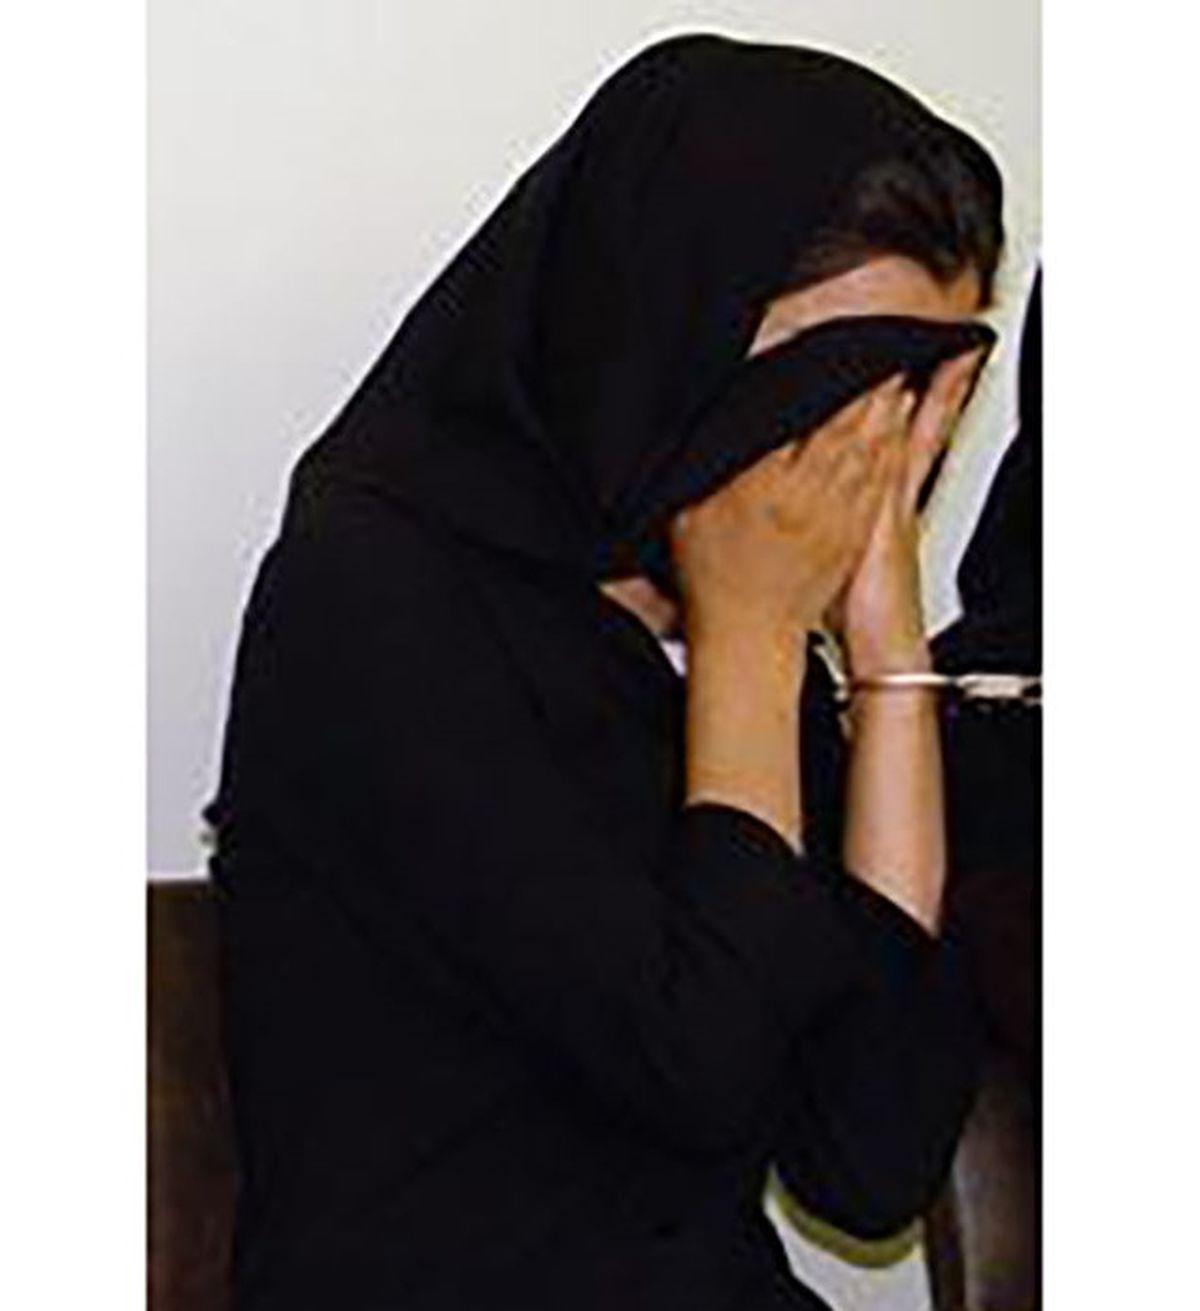 سرقت ماهرانه 206 توسط دختر تهرانی در روز روشن+فیلم